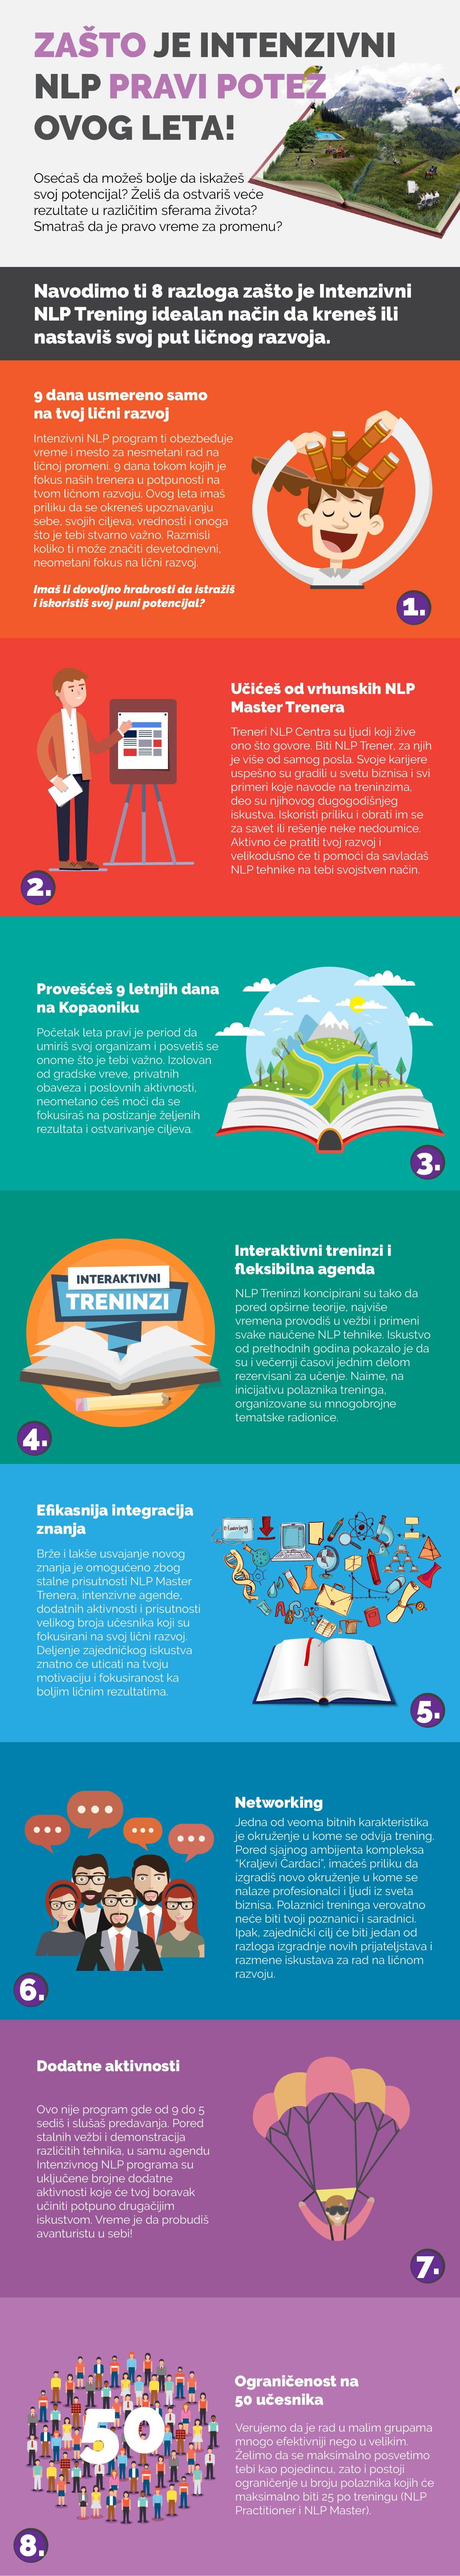 infografiknlpc